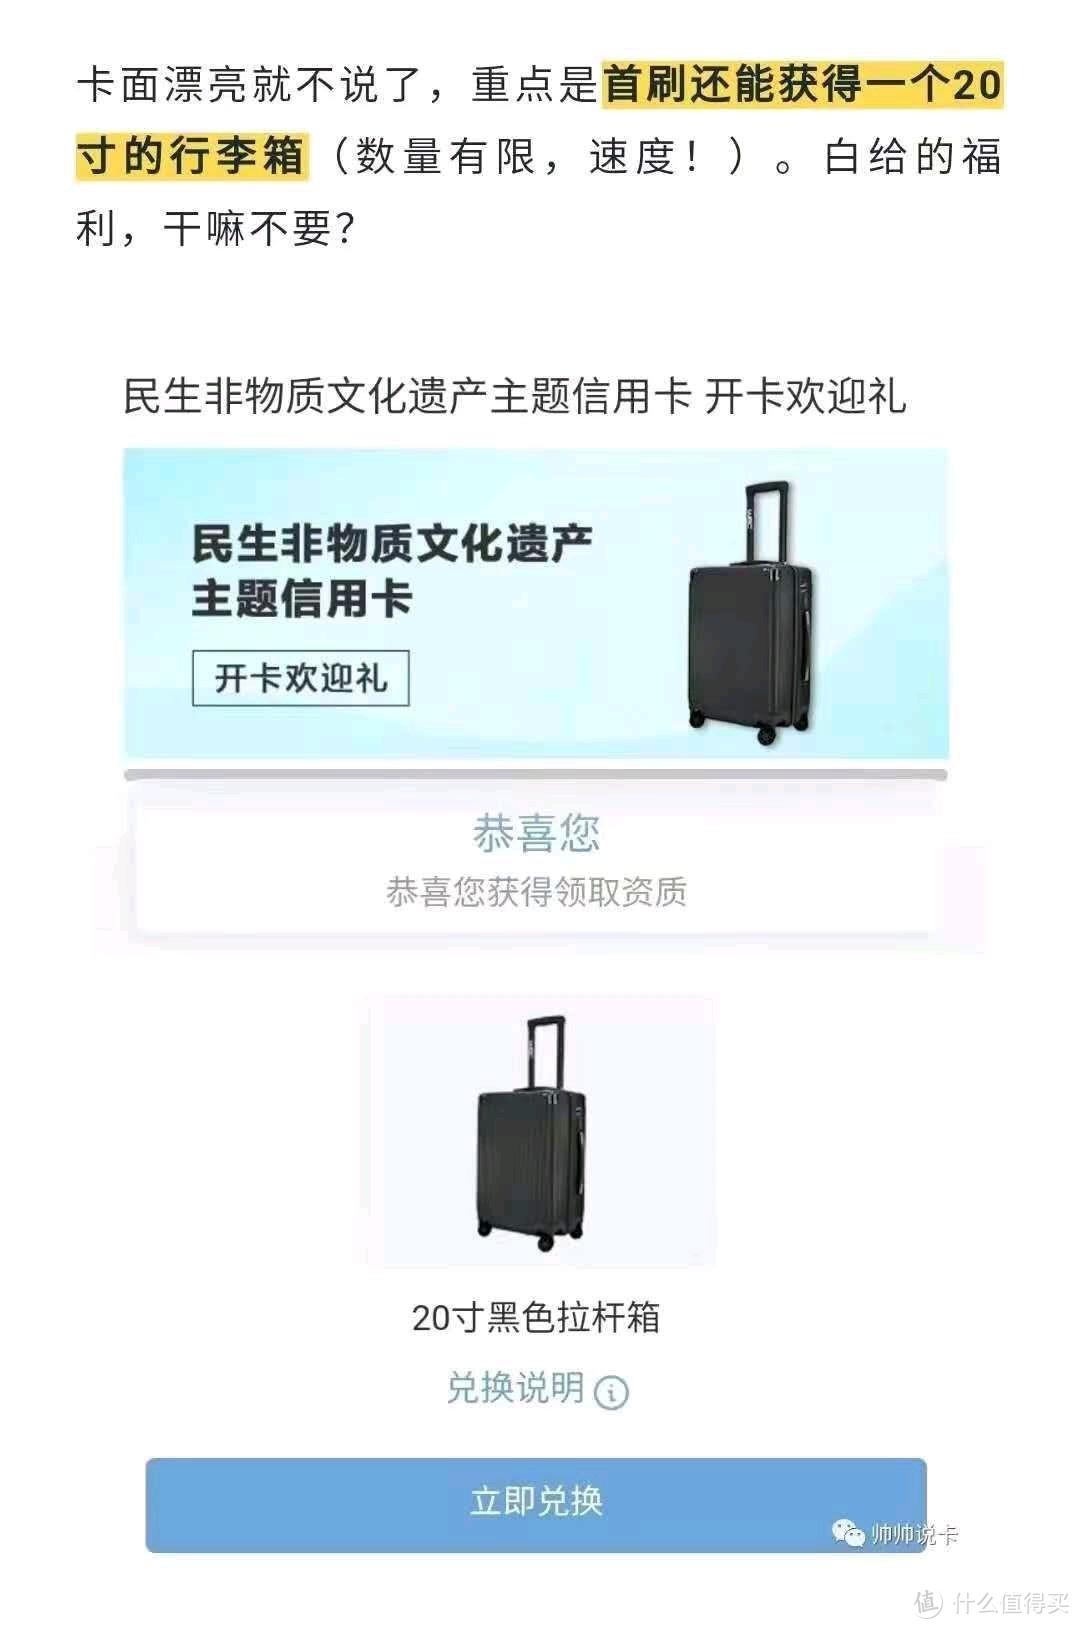 现阶段申请民生精英白金信用卡,符合条件的新户首刷送拉杆箱一只,机不可失时不再来,赶紧致电18516089929(沪上办卡热线)